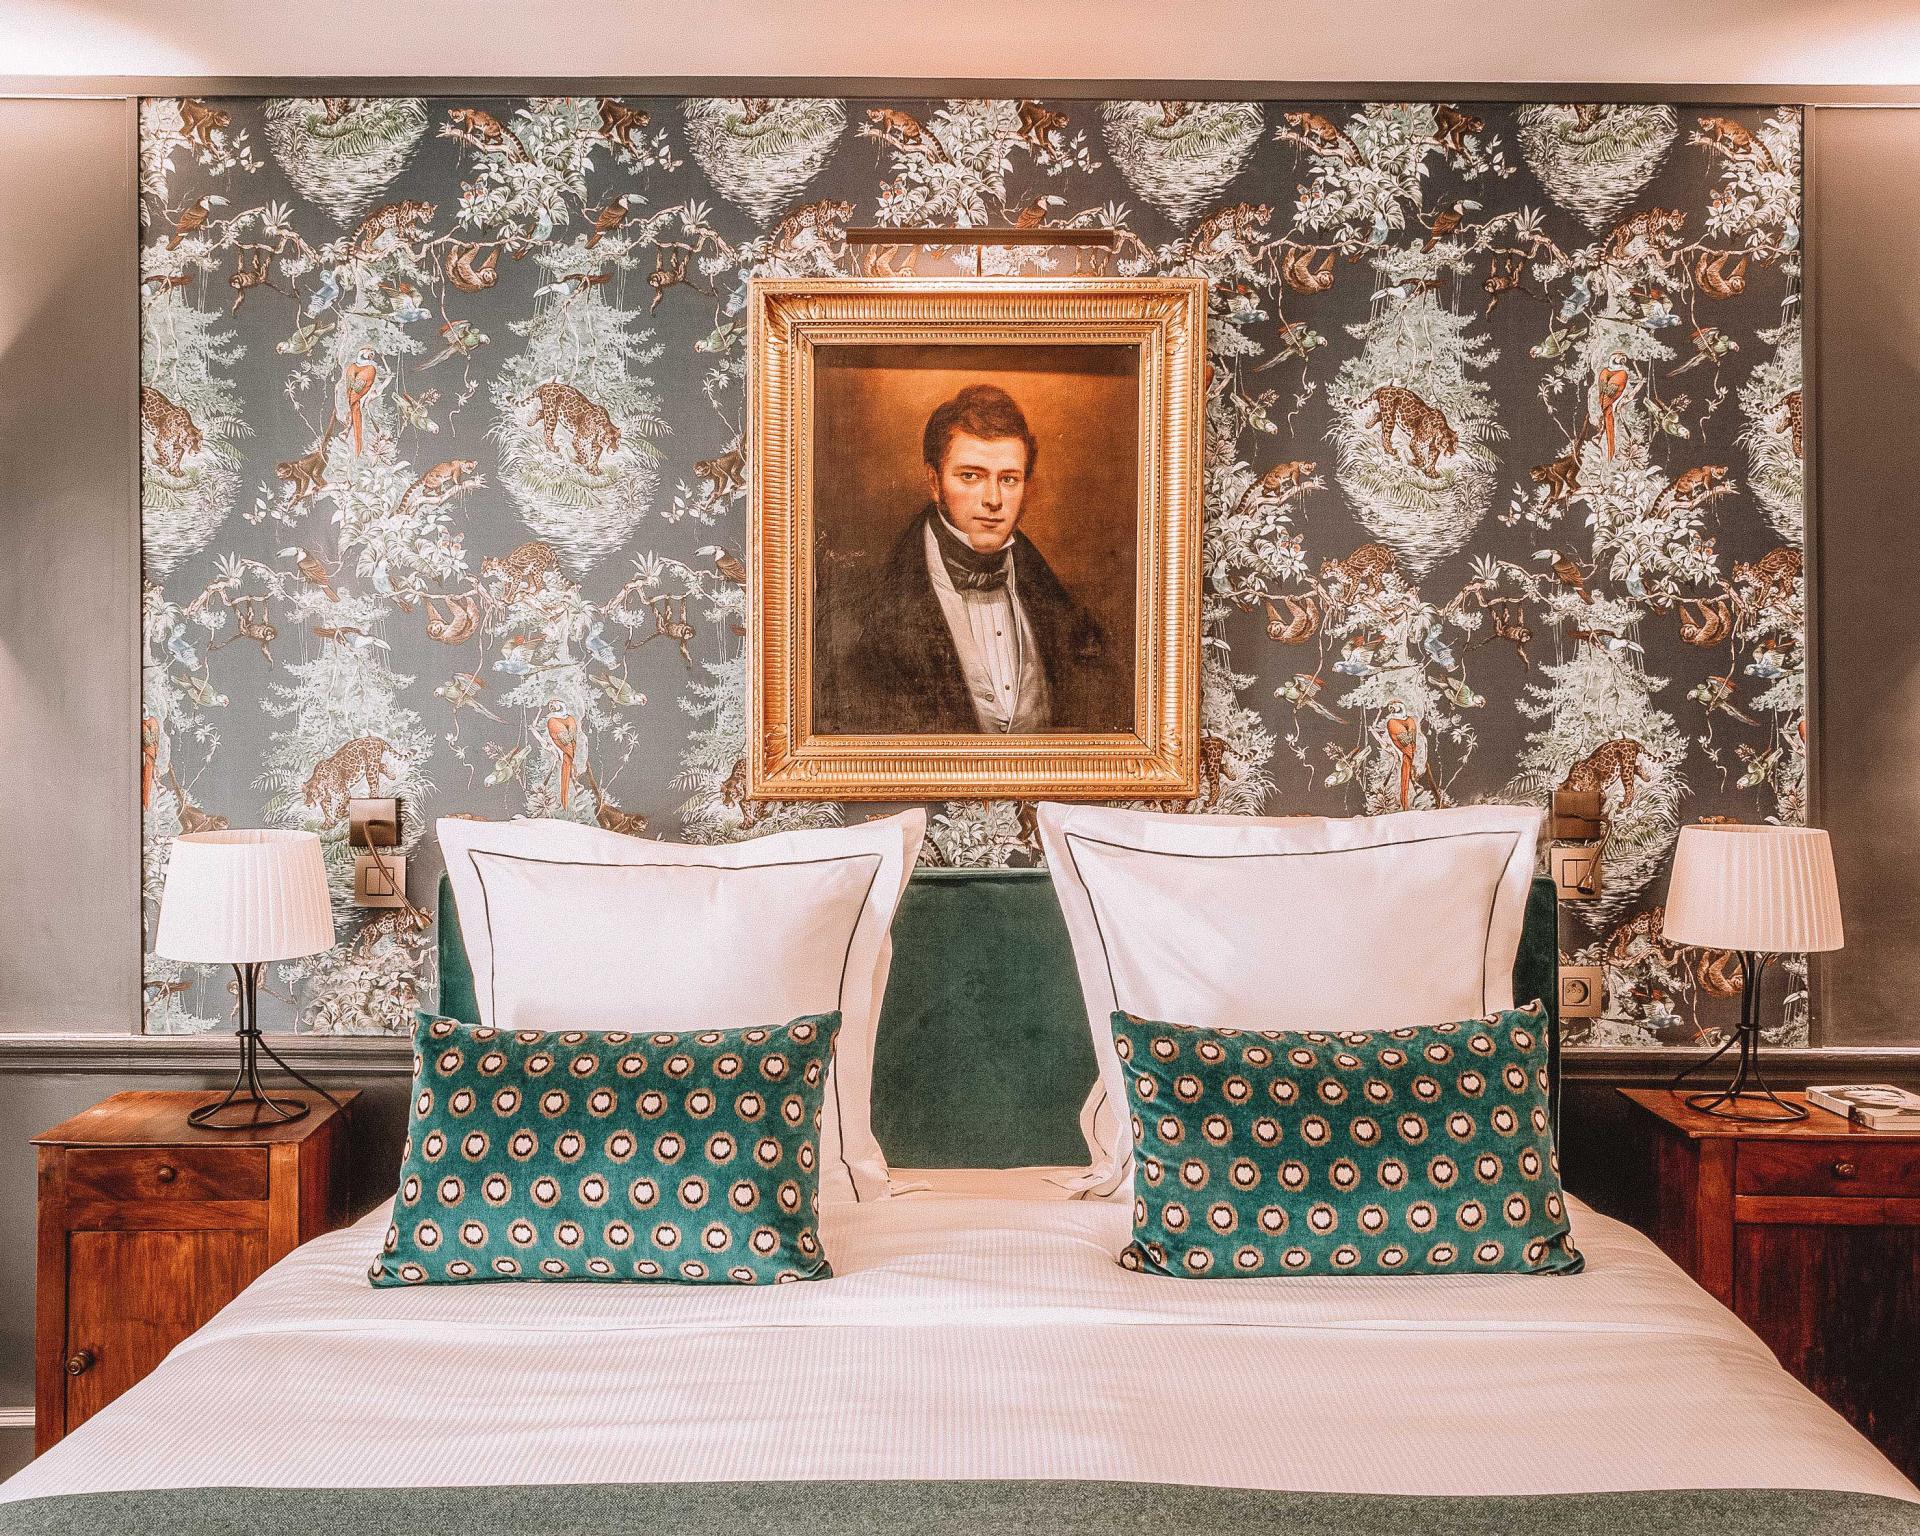 Hotel Mansart romantic hotel in paris